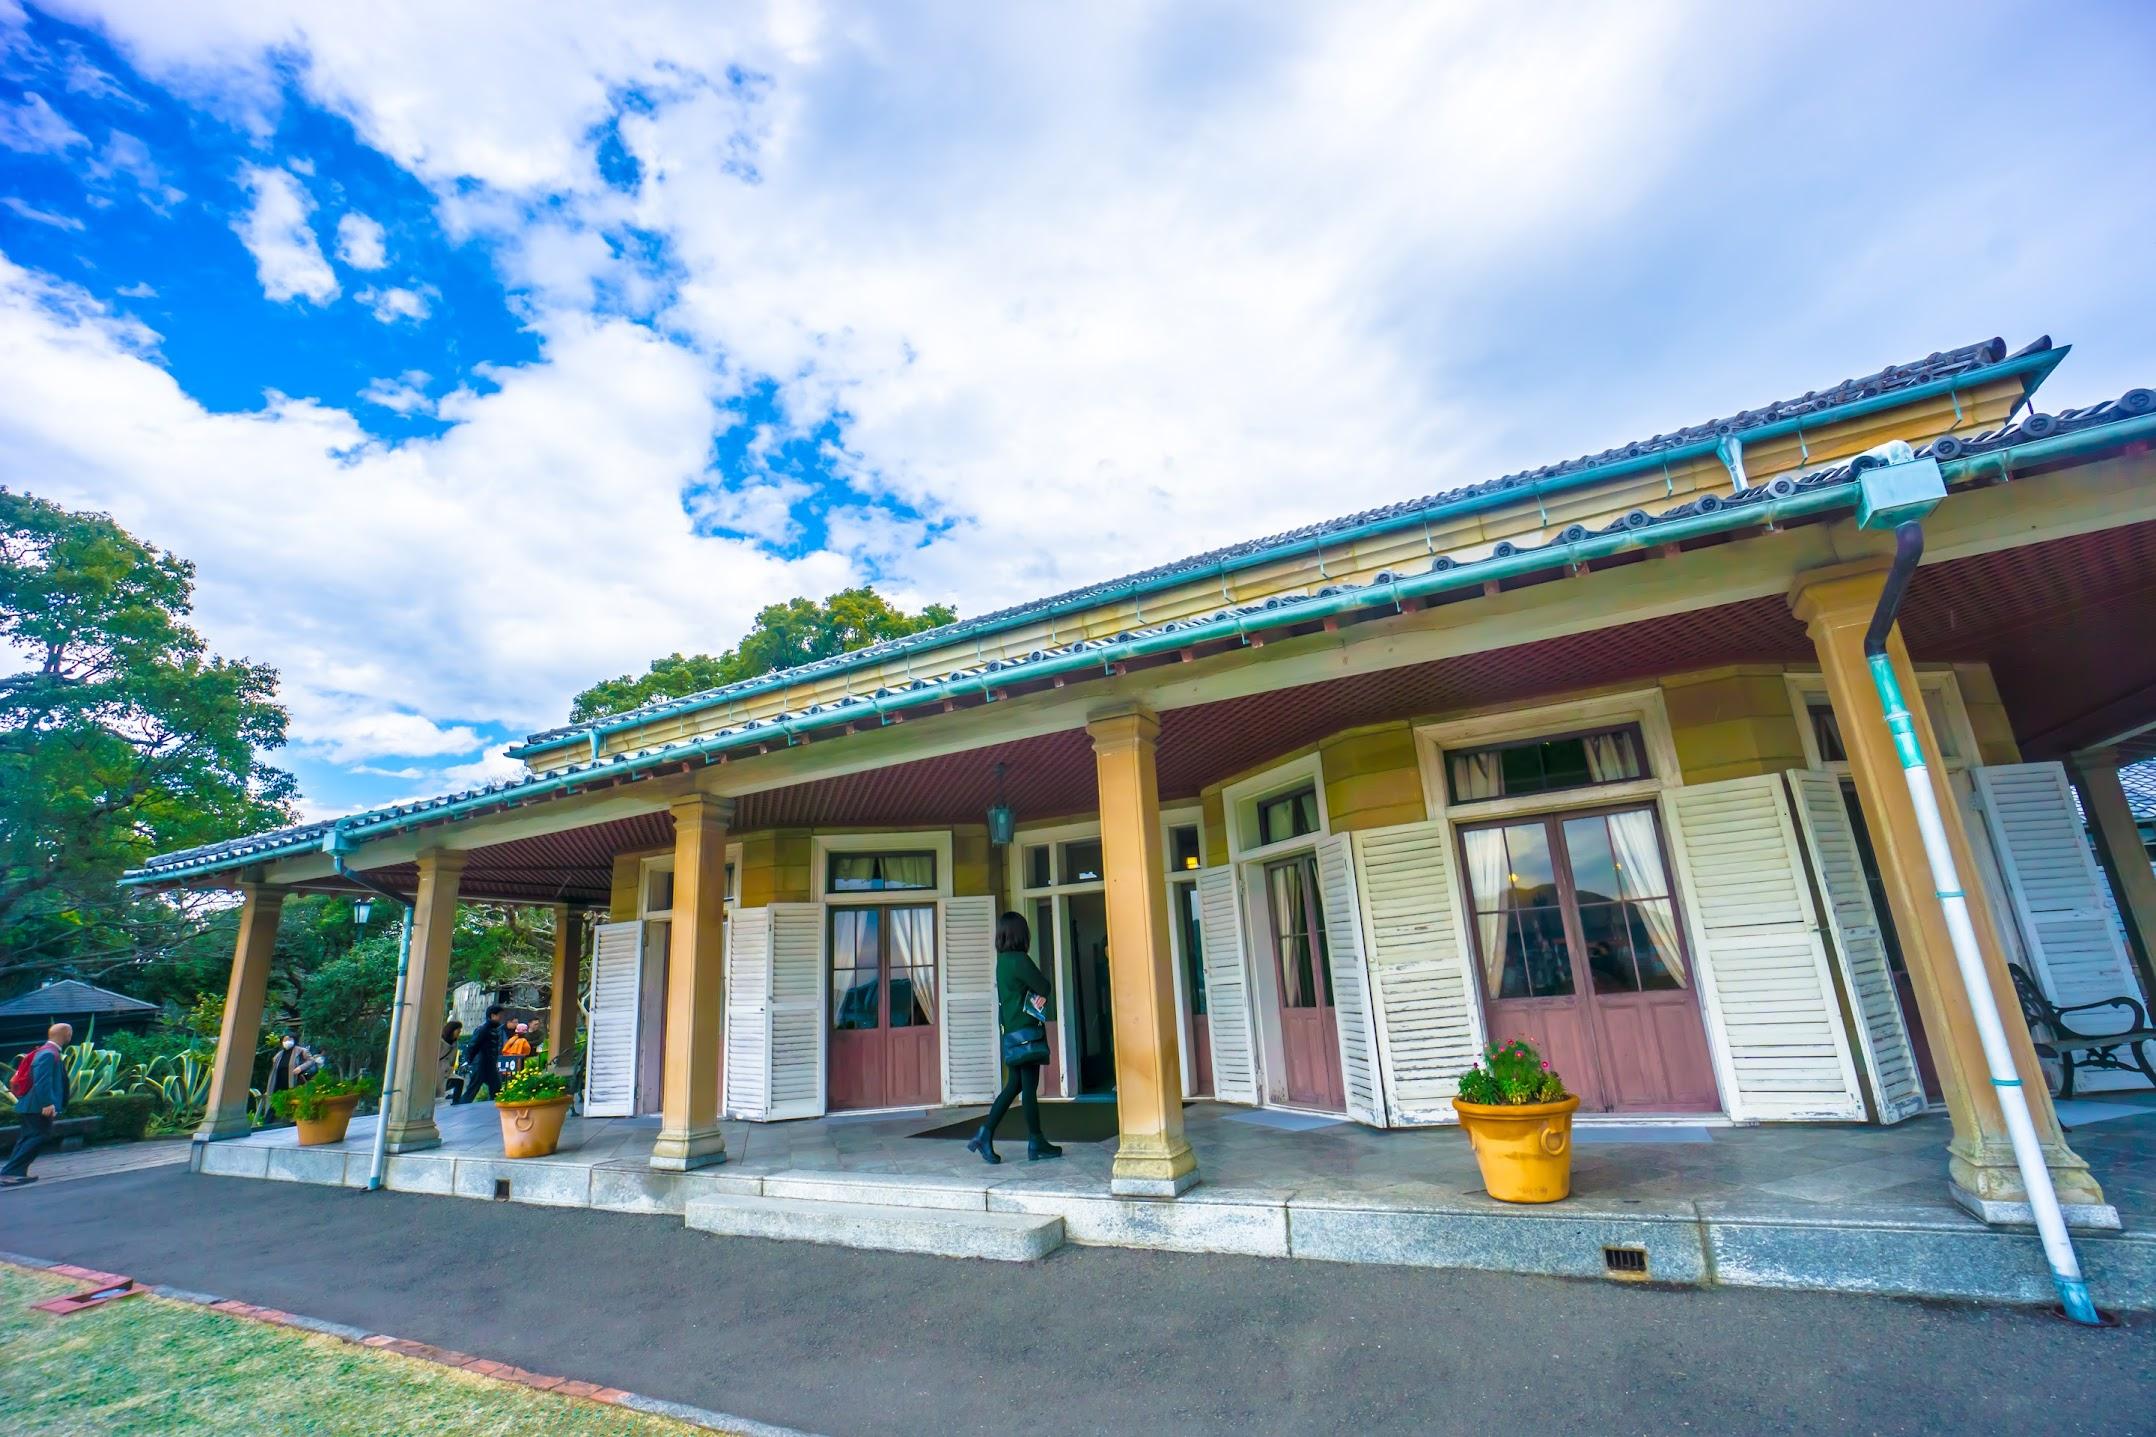 長崎 グラバー園 旧リンガー住宅1